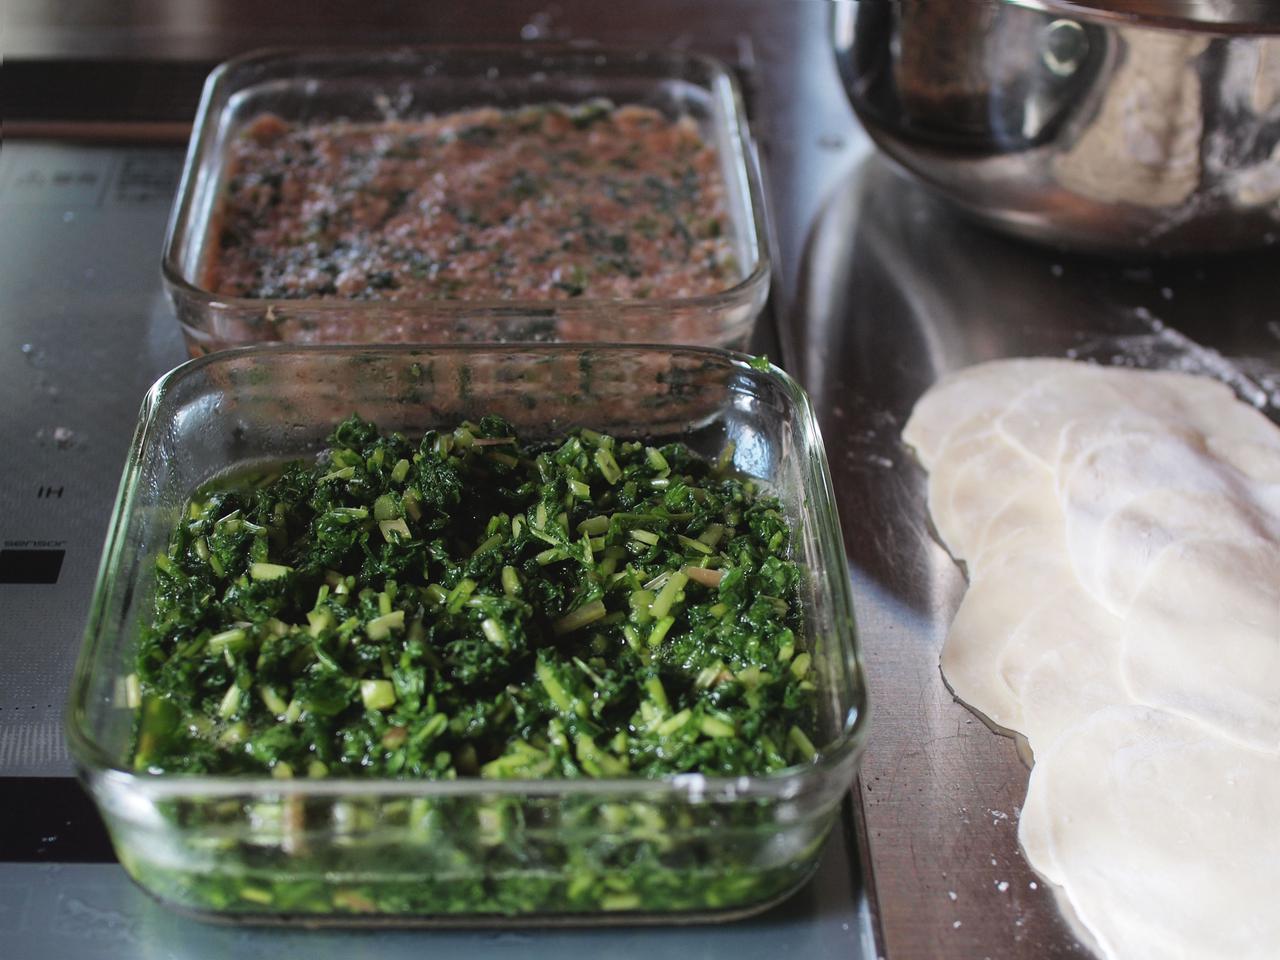 画像: ラディッシュ菜は軽く塩漬けし、刻んでおく。冷蔵庫で数日保存が効きます